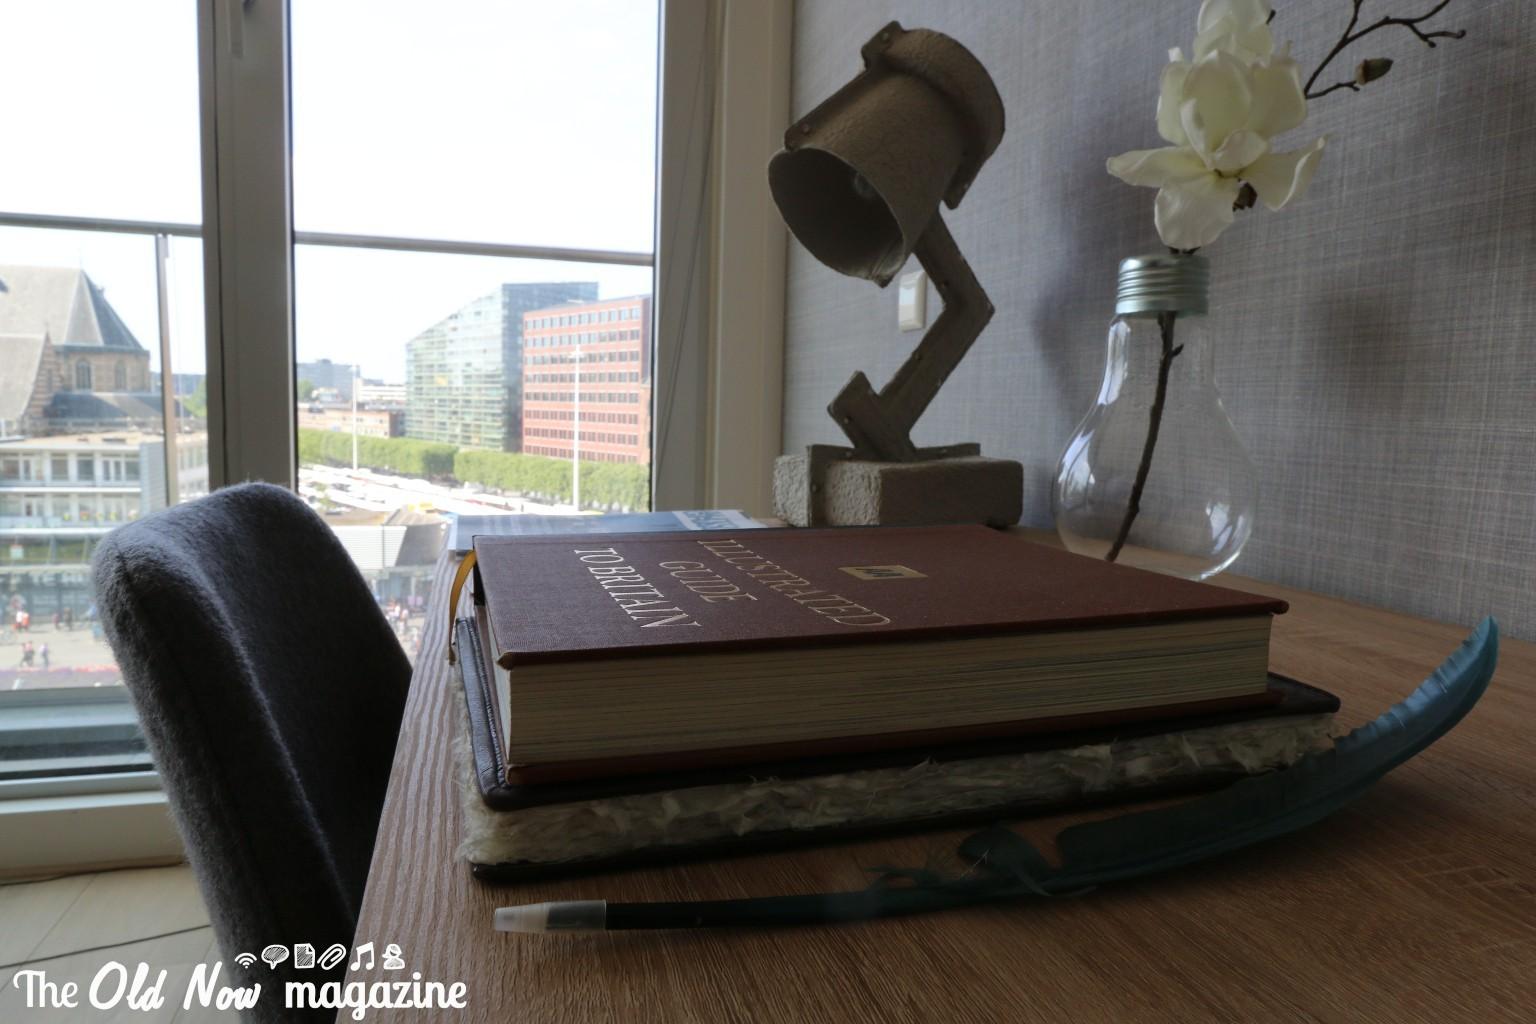 TOYOTA ROTTERDAM THEOLDNOW (202)